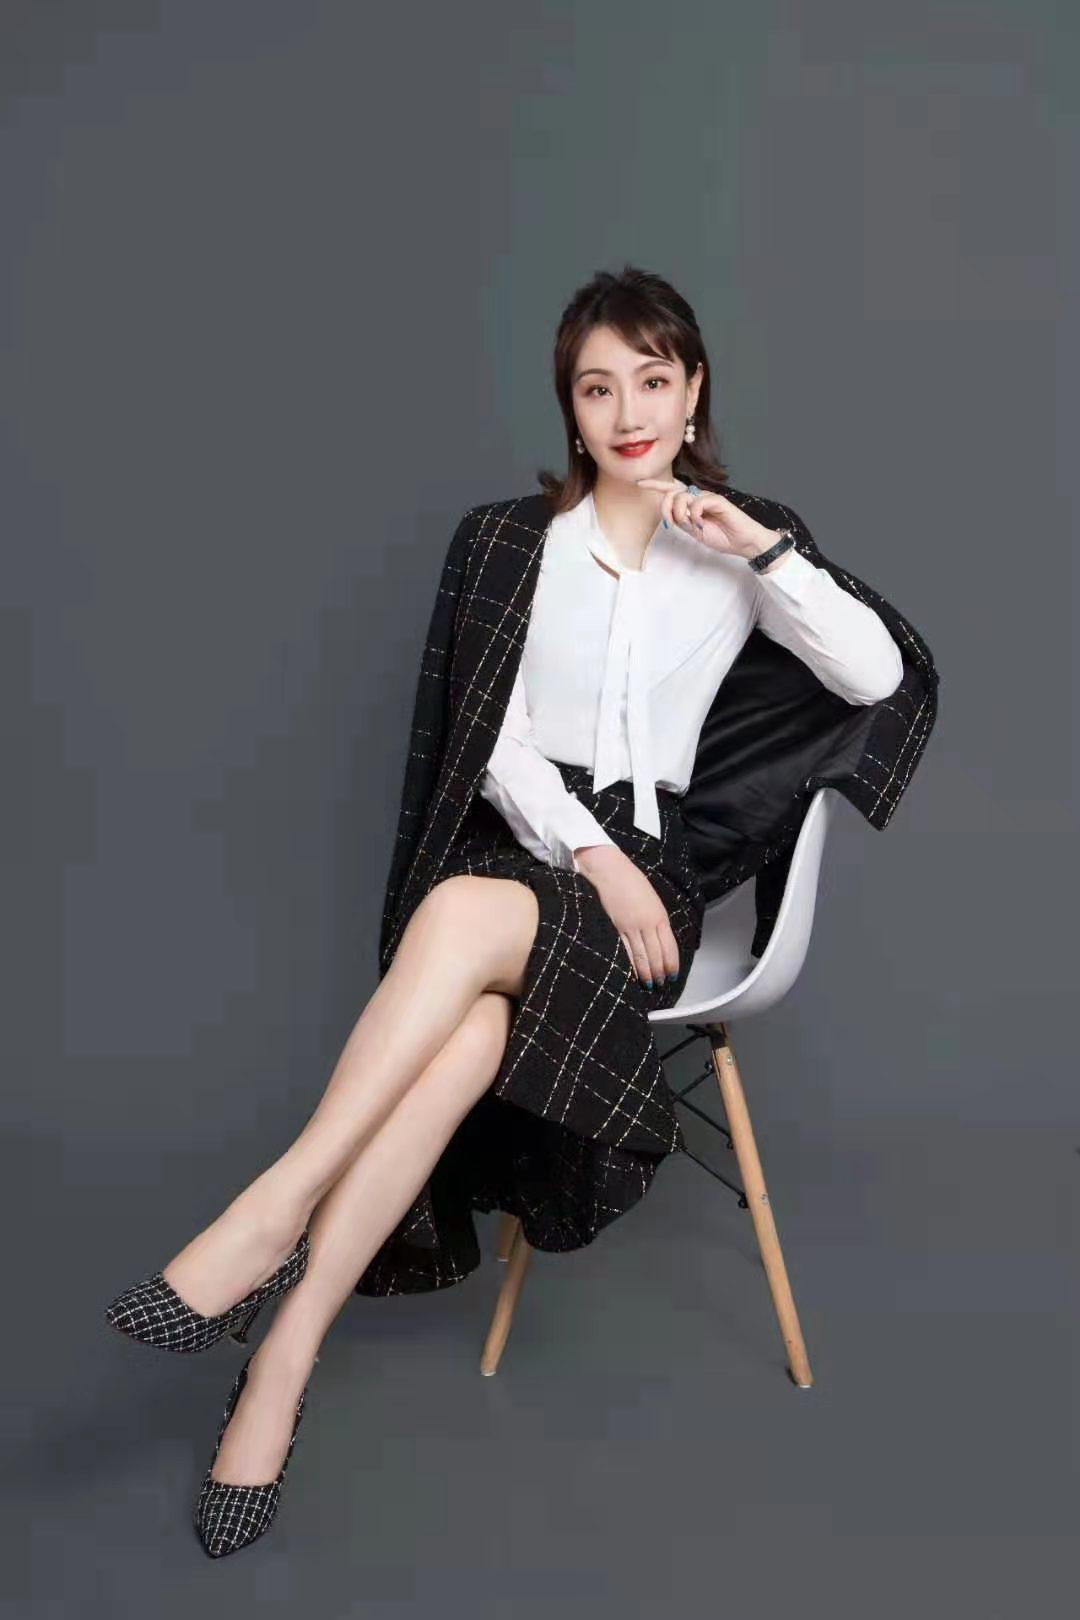 专访上海岳鸥商务总经理卓悦:海外置业是合理配置资产的选择之一